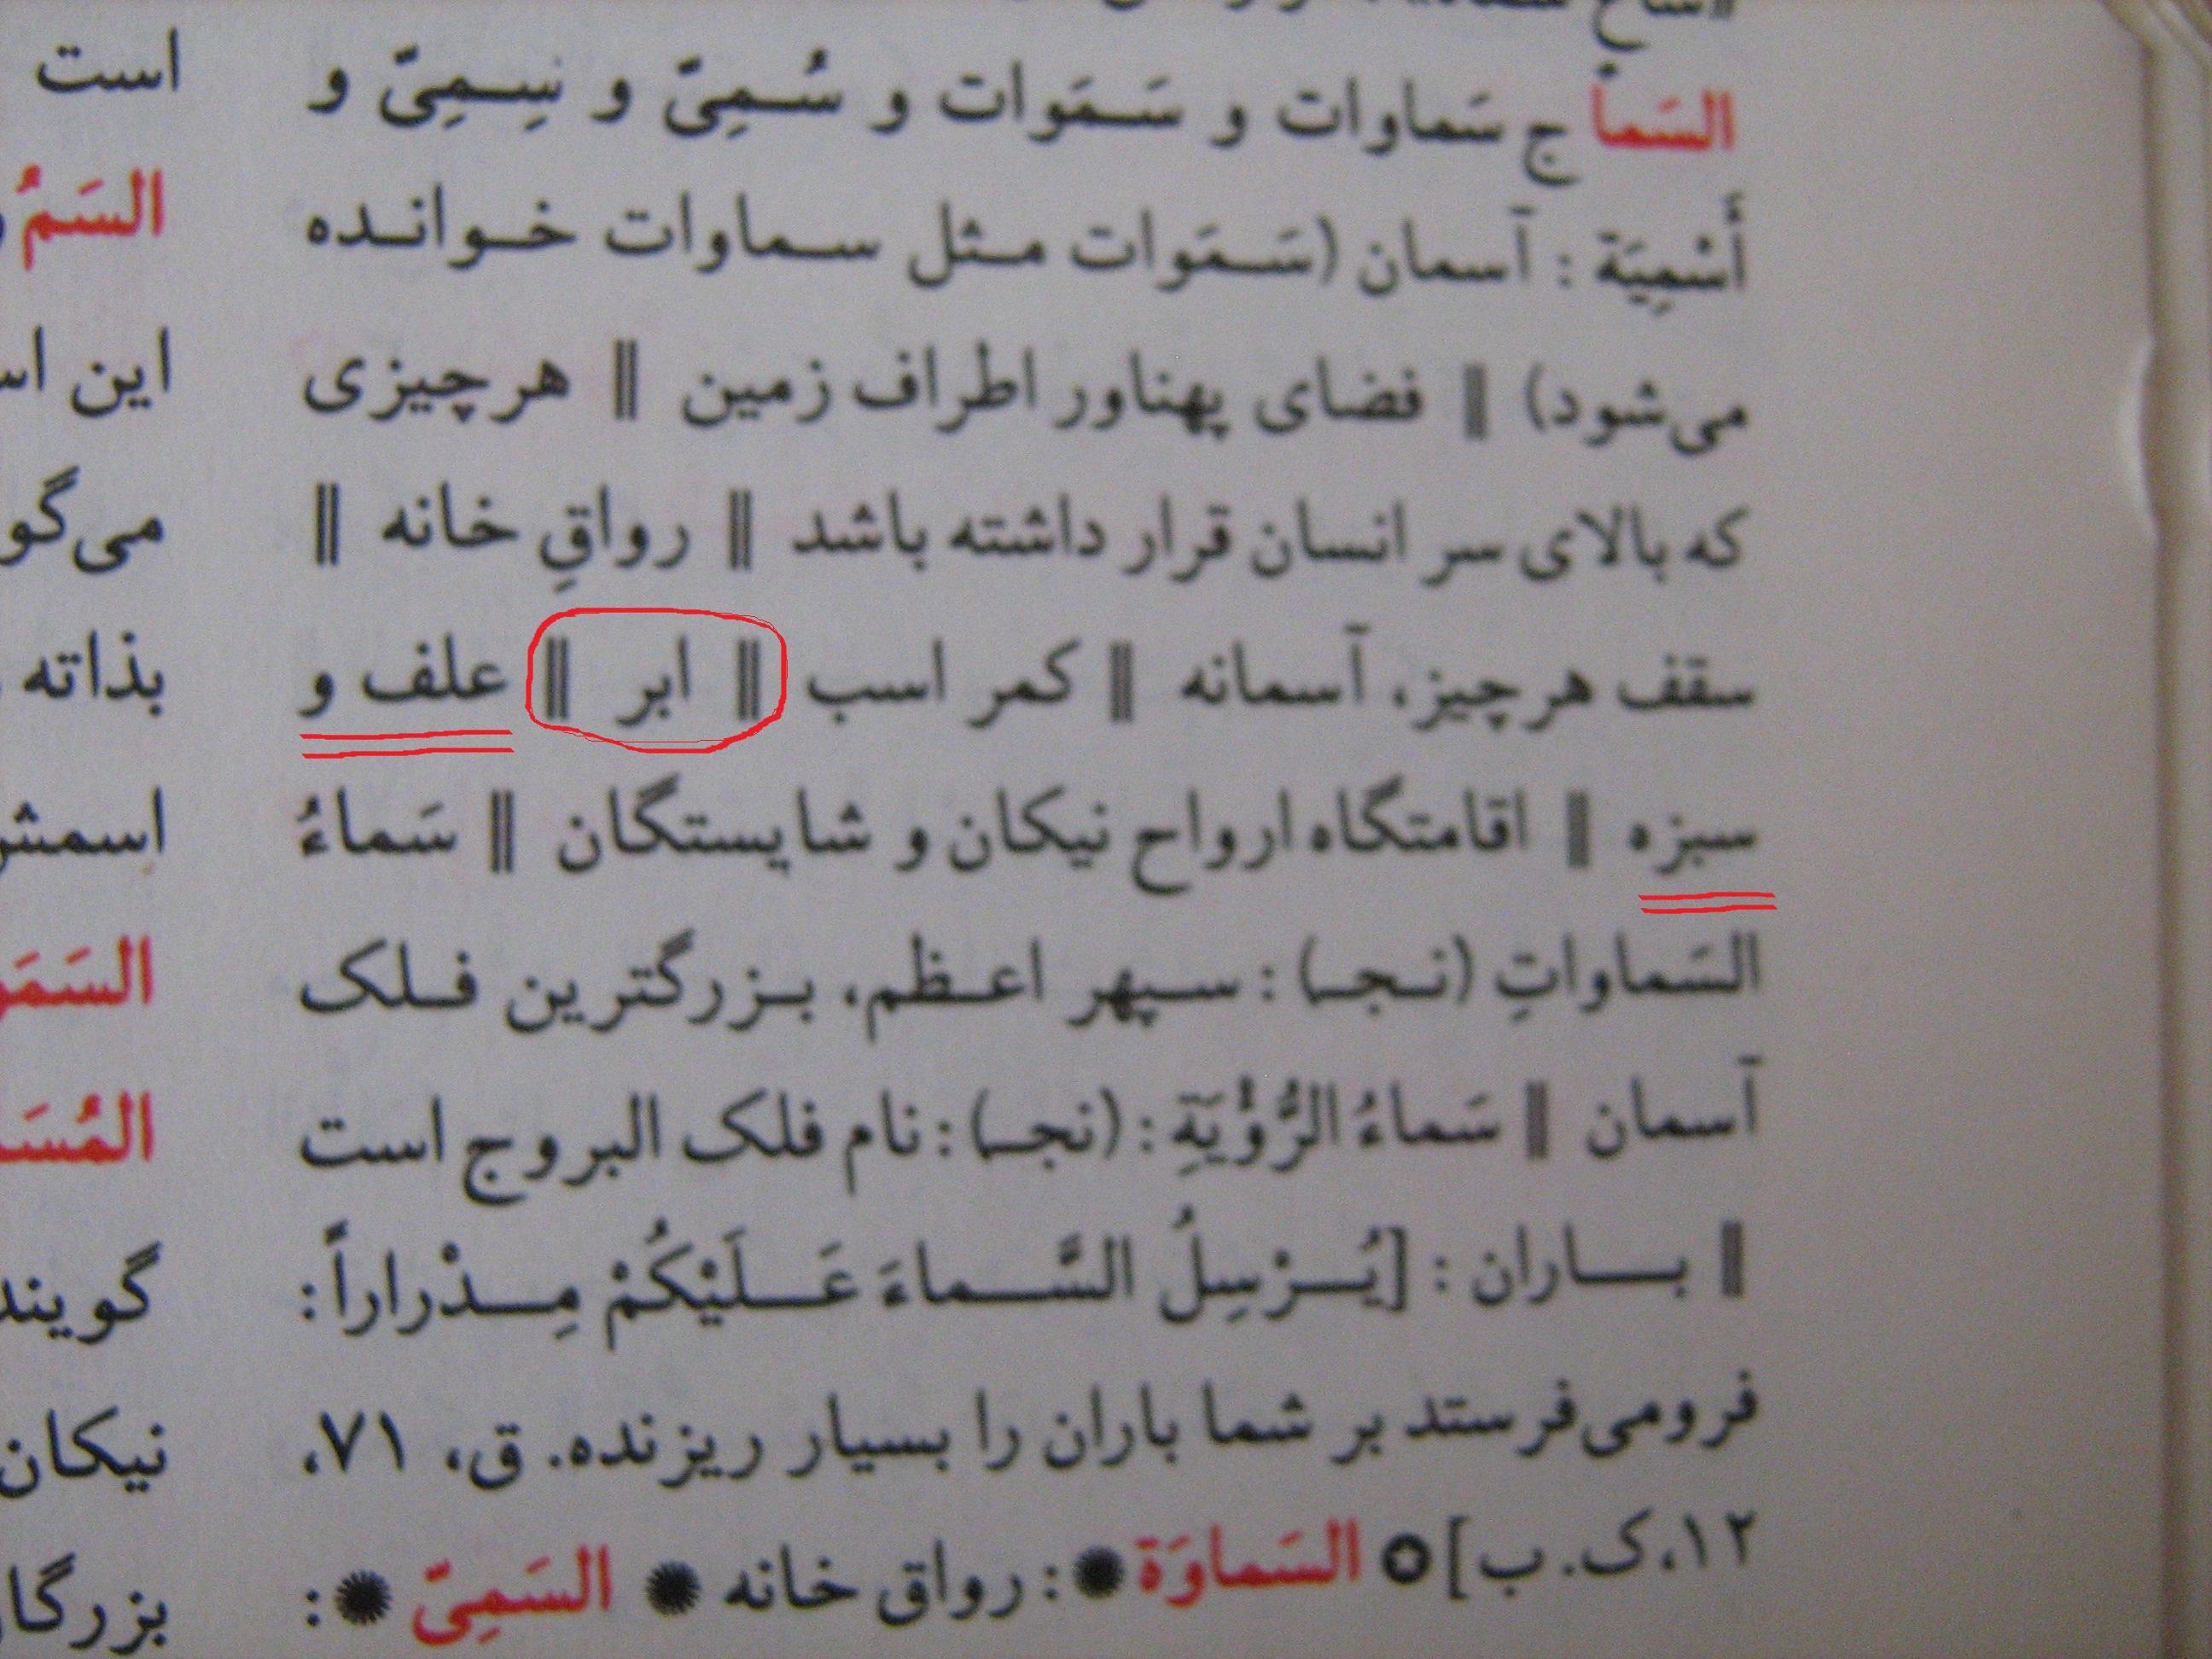 کیهان شناسی در قرآن ،قرآن و بیگ بنگ